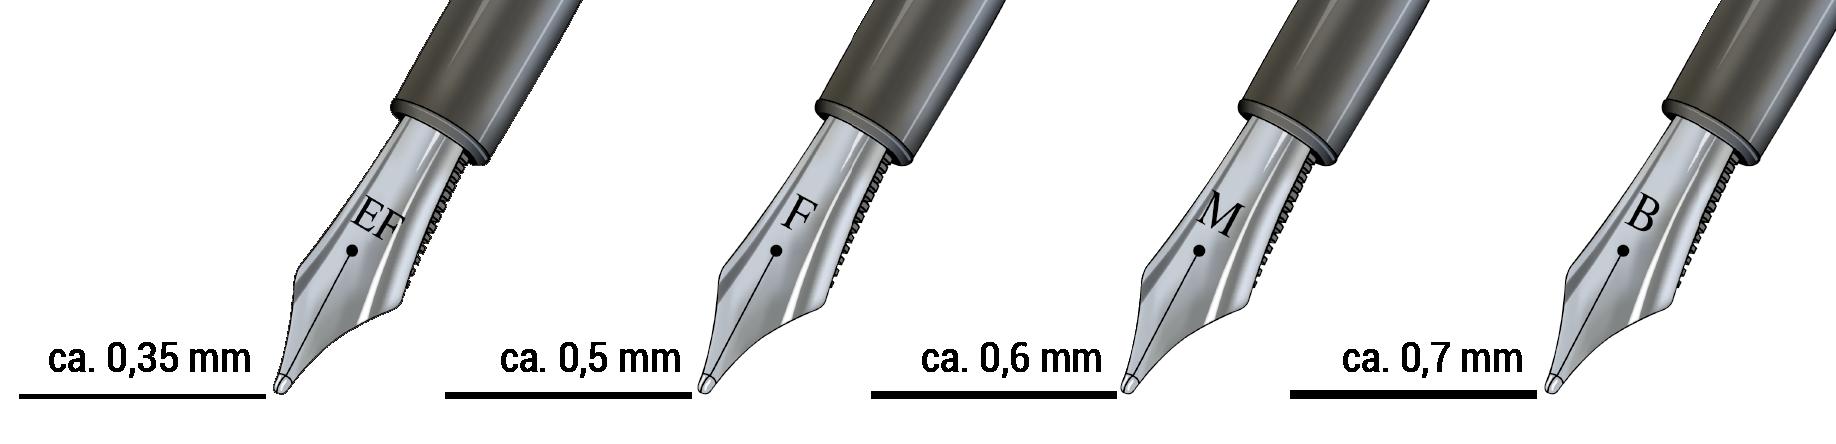 Füllhalter-Feder Strichstärke 0,35 mm, 0,5 mm, 0,6 mm und 0,7 mm